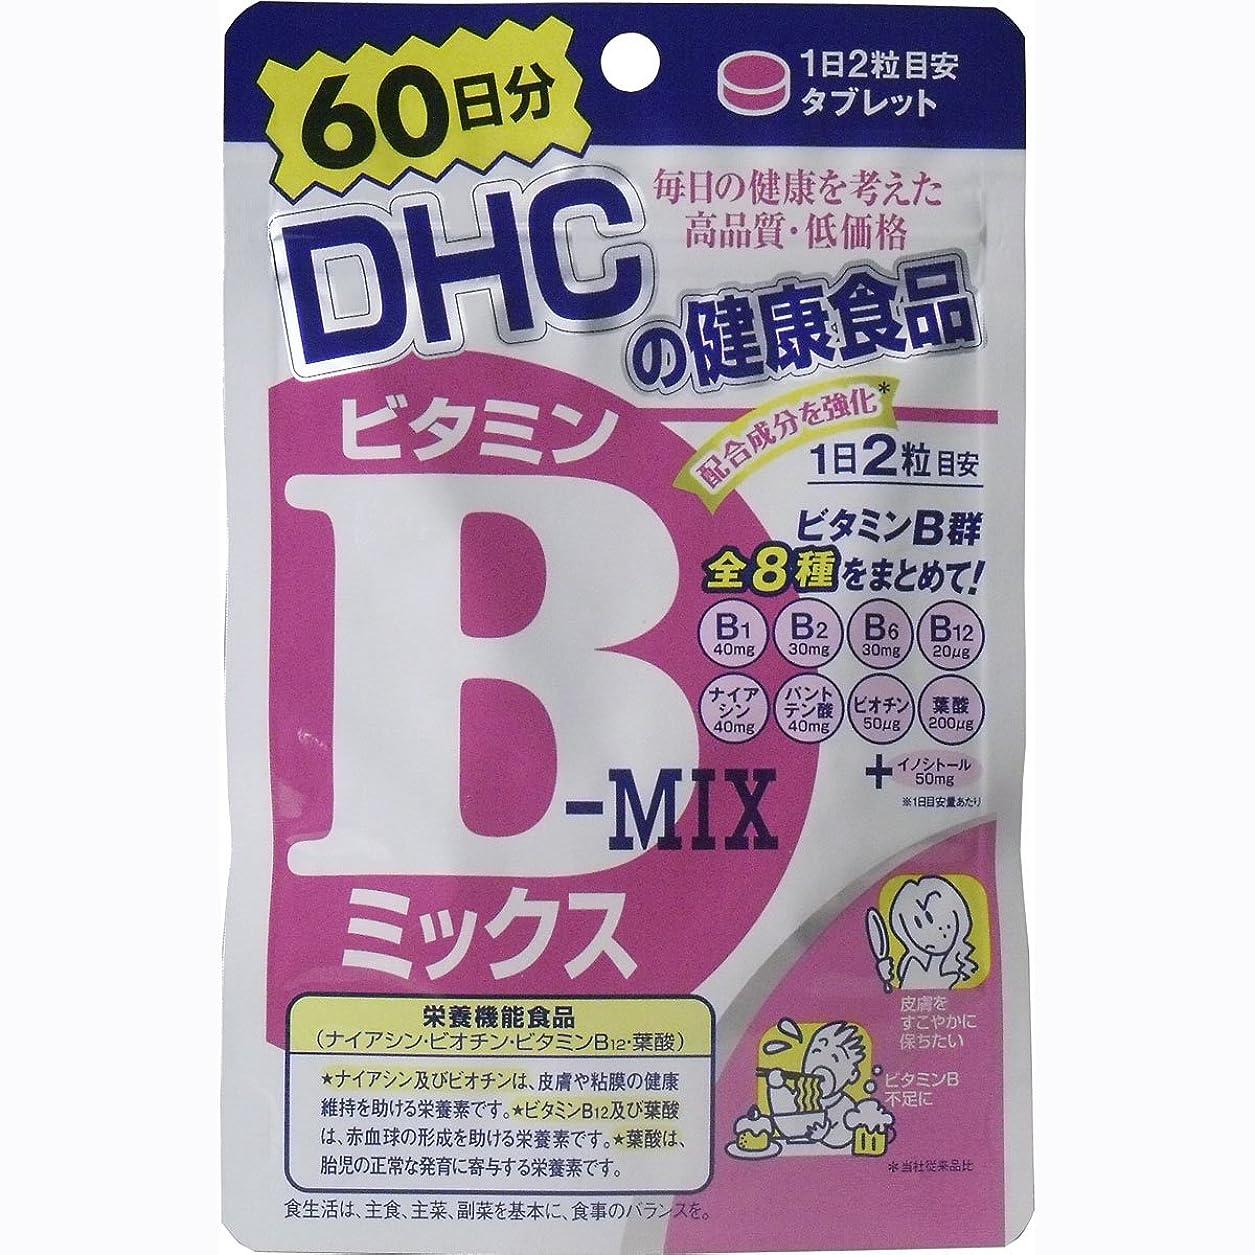 テザー敏感な名誉DHC ビタミンBミックス 120粒 60日分「5点セット」